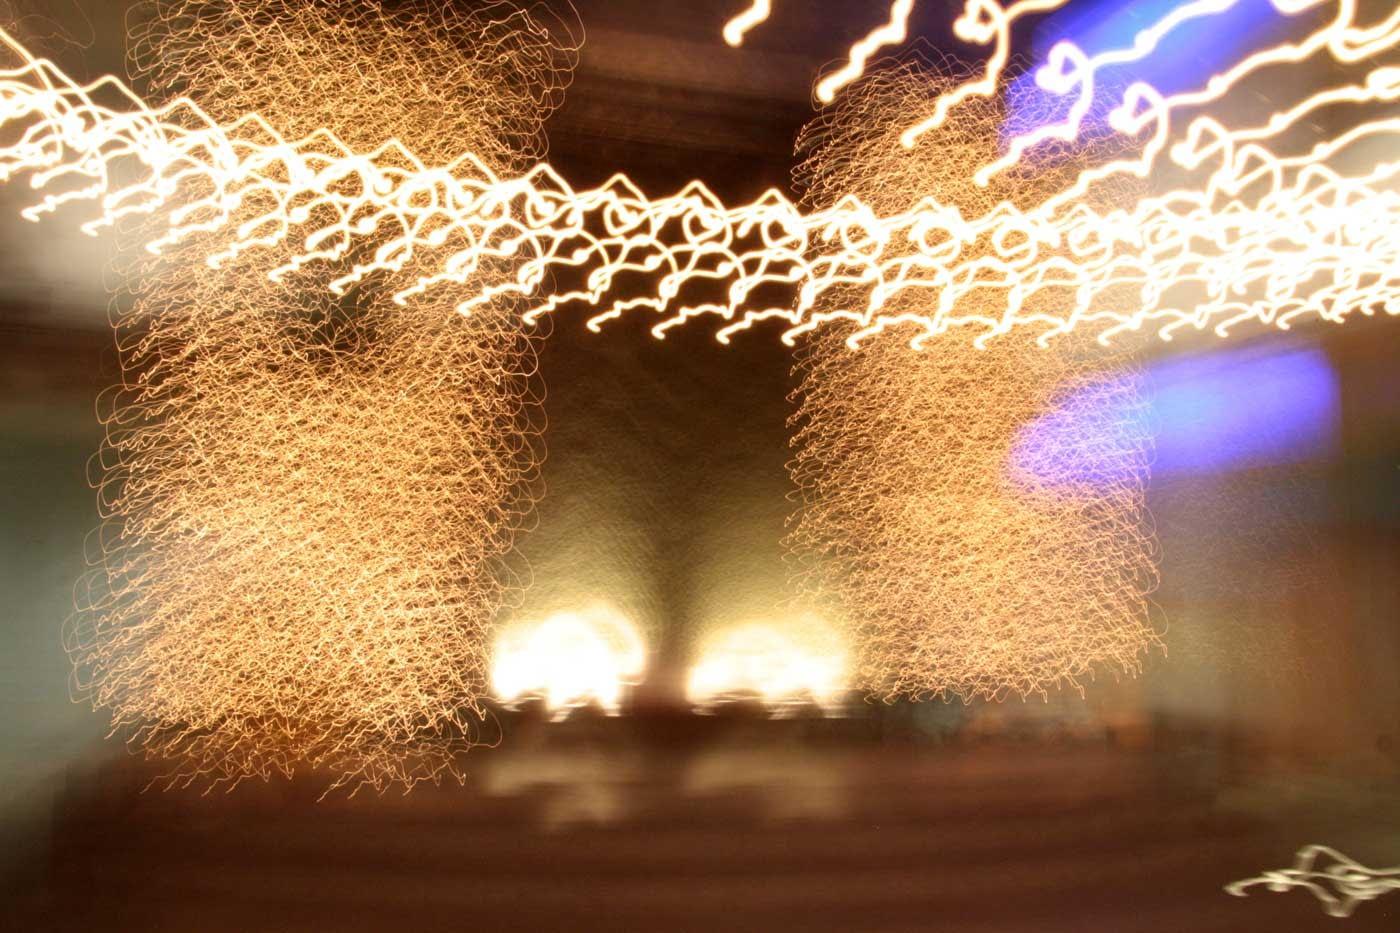 lichtspaziergang 4